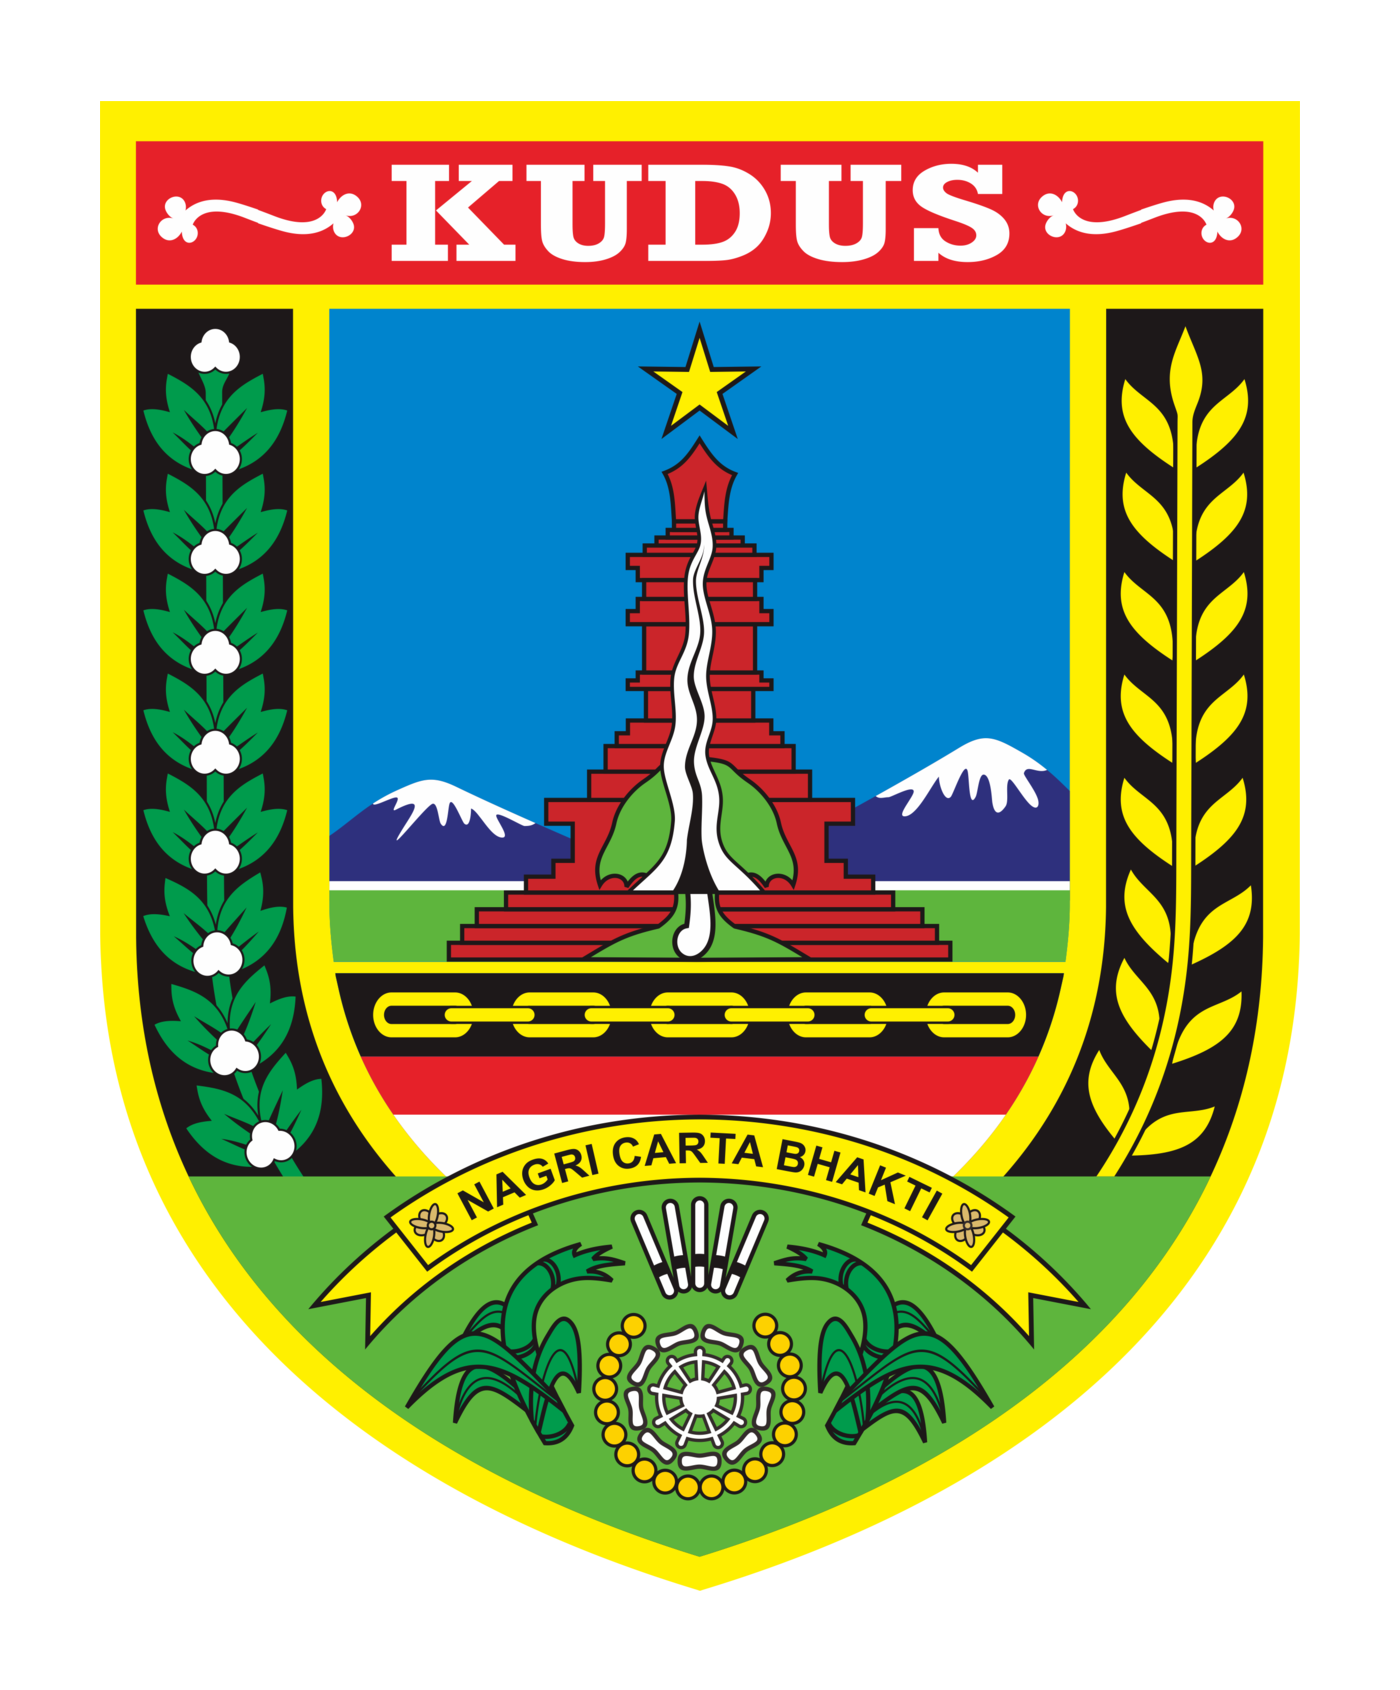 Logo Kudus (INDONESIA)Warna